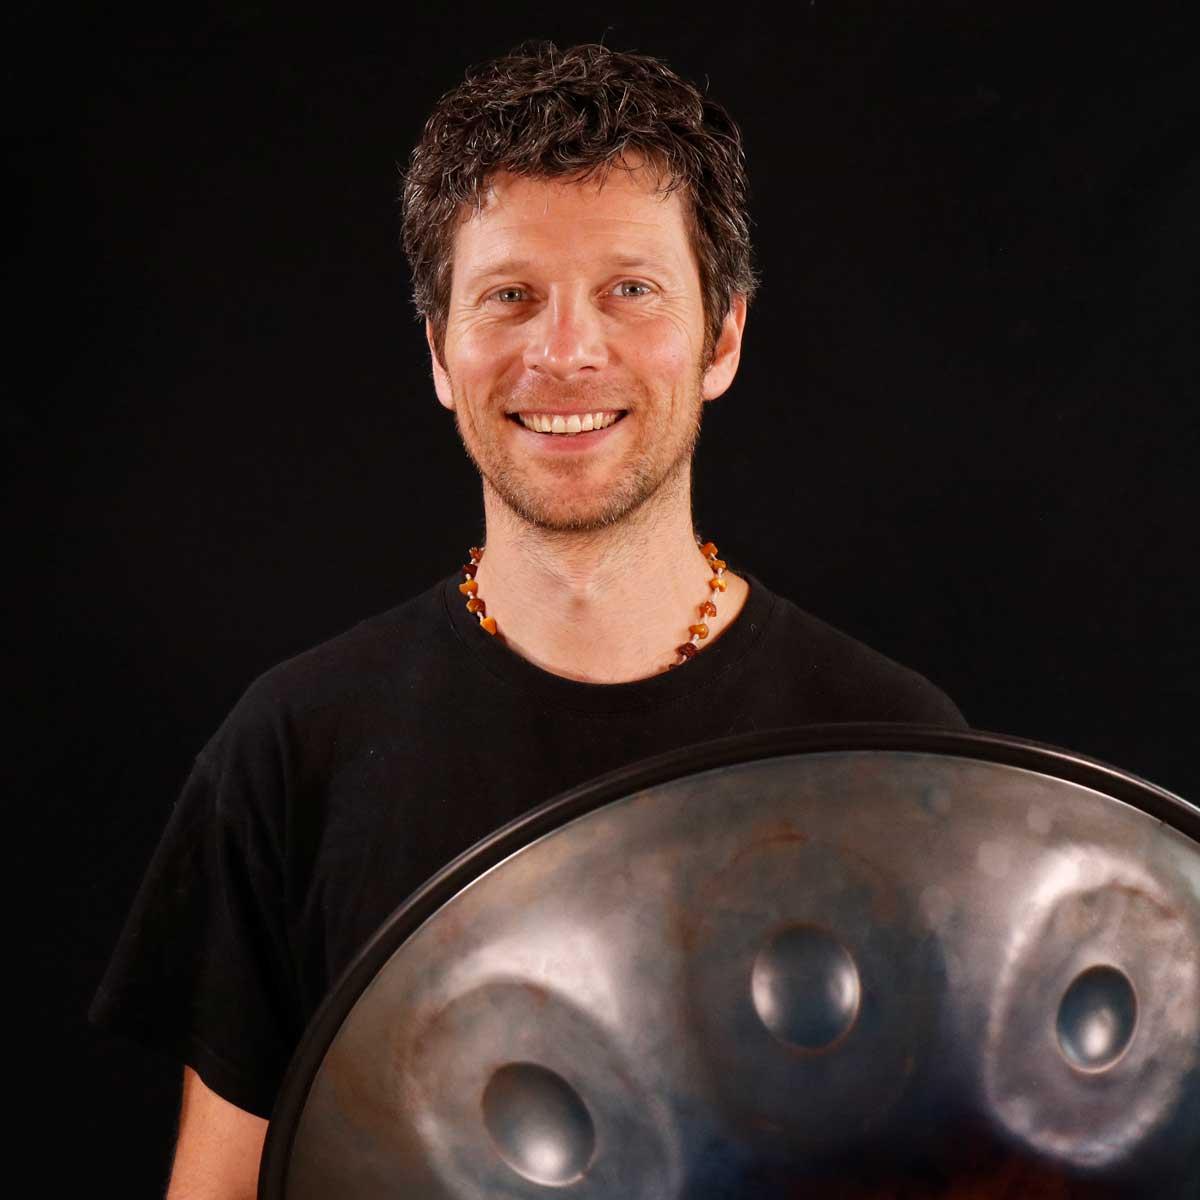 Laurent Sureau